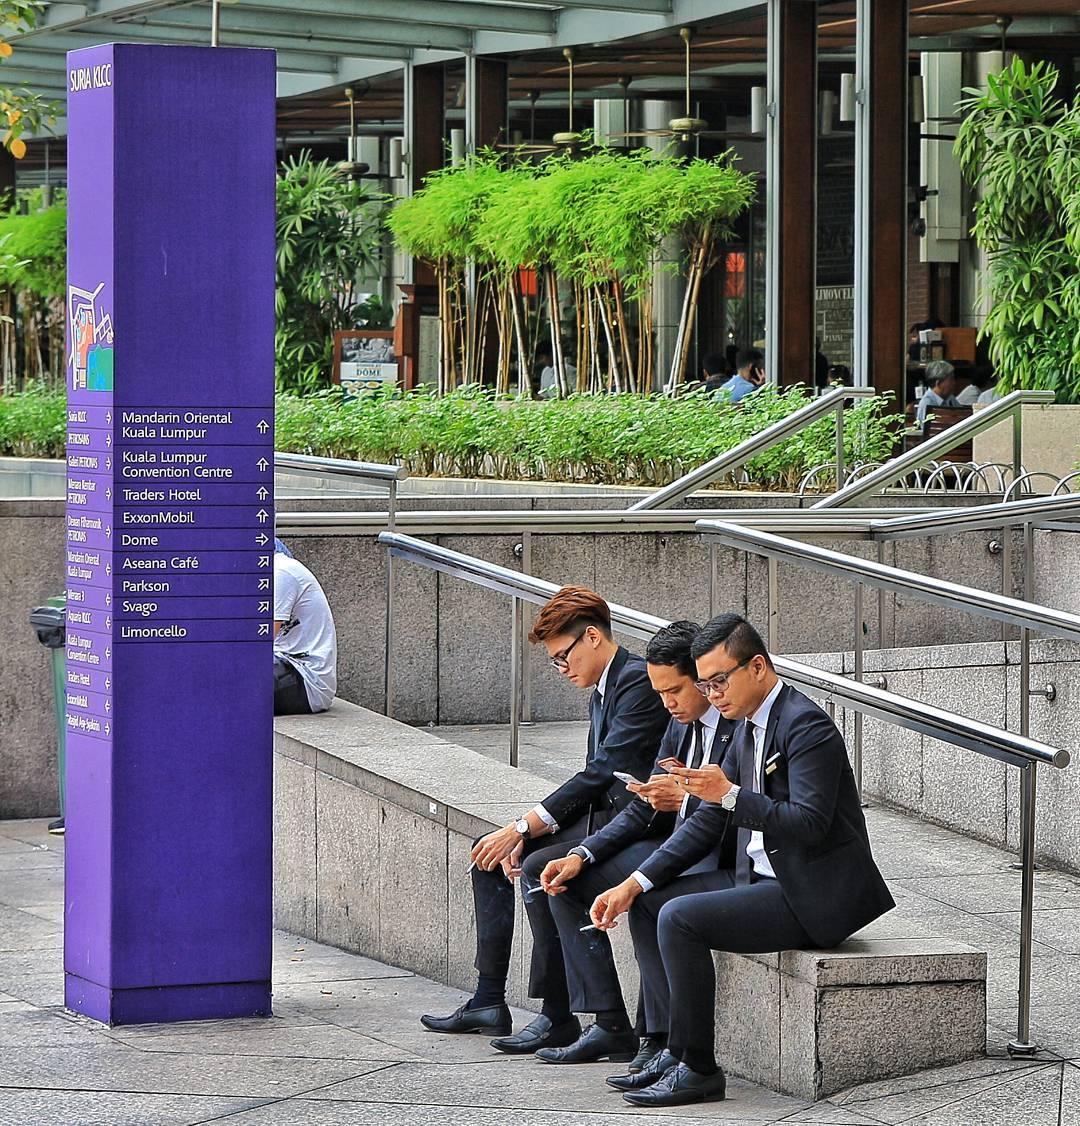 Bunlar yaygın kanıya göre plaza çalışanı arkadaşlar.